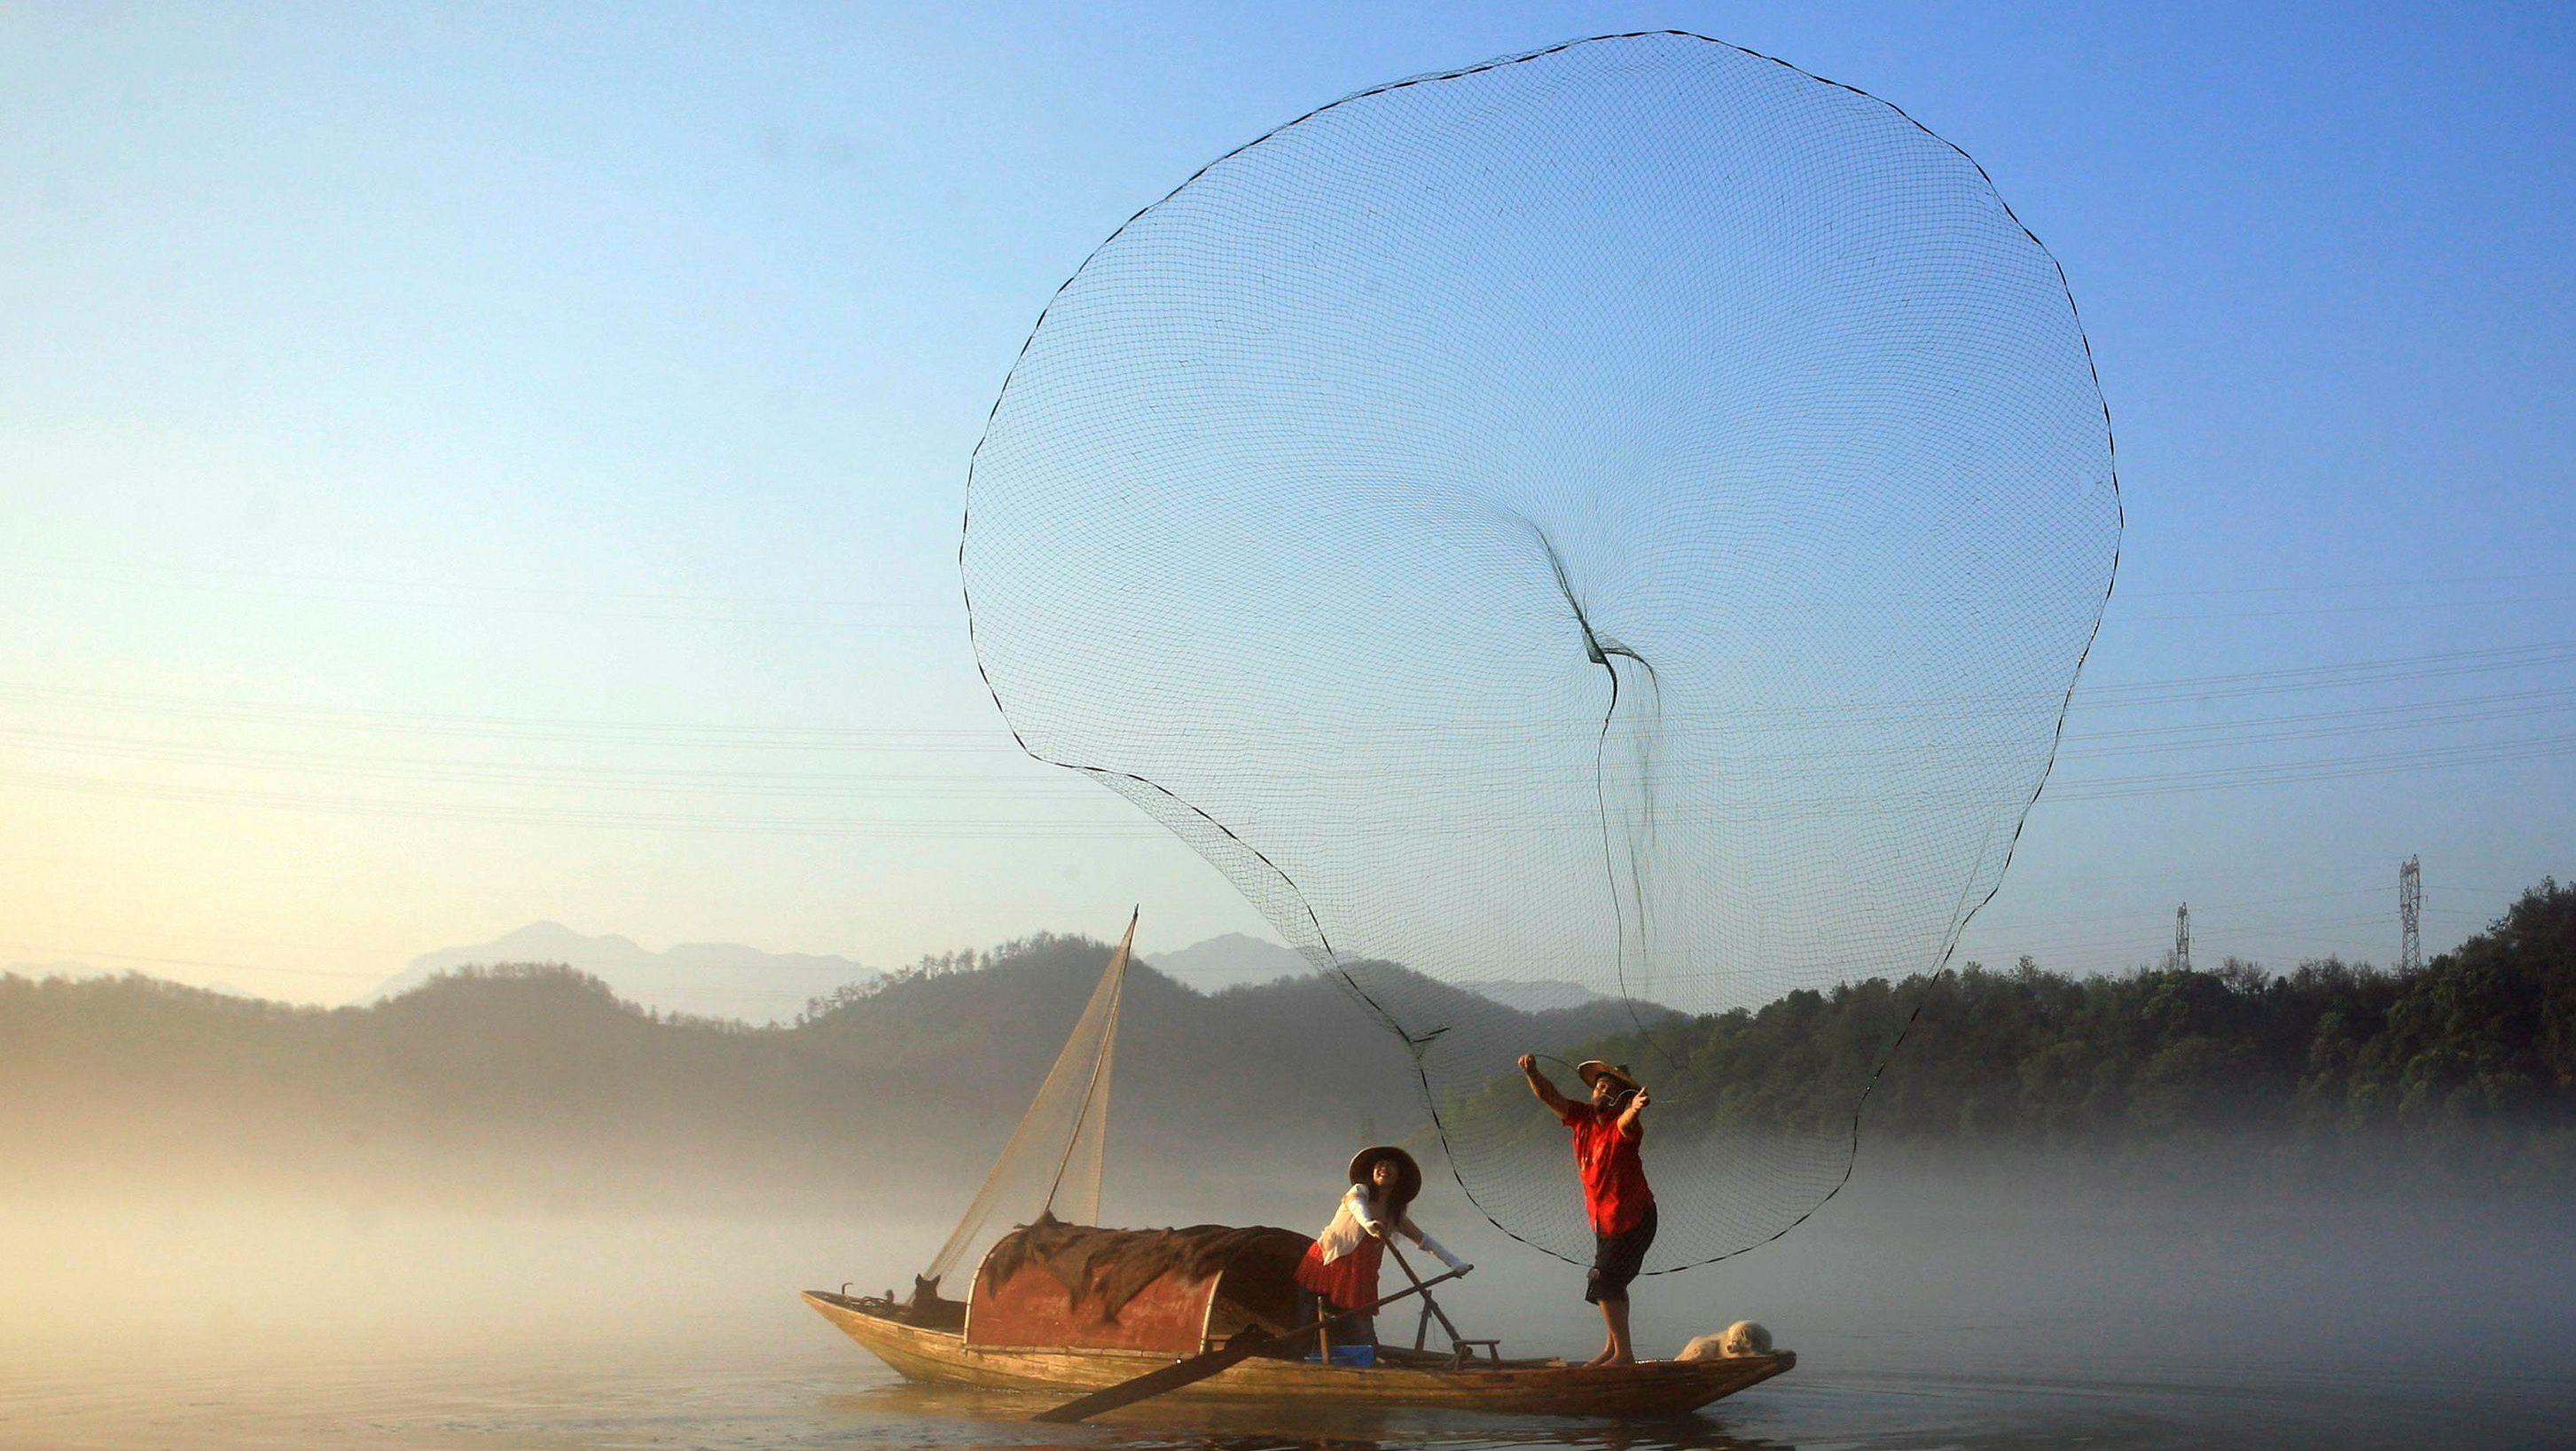 A fisherman casts his net to catch fish on Xin'an River in Jiande, Zhejiang province